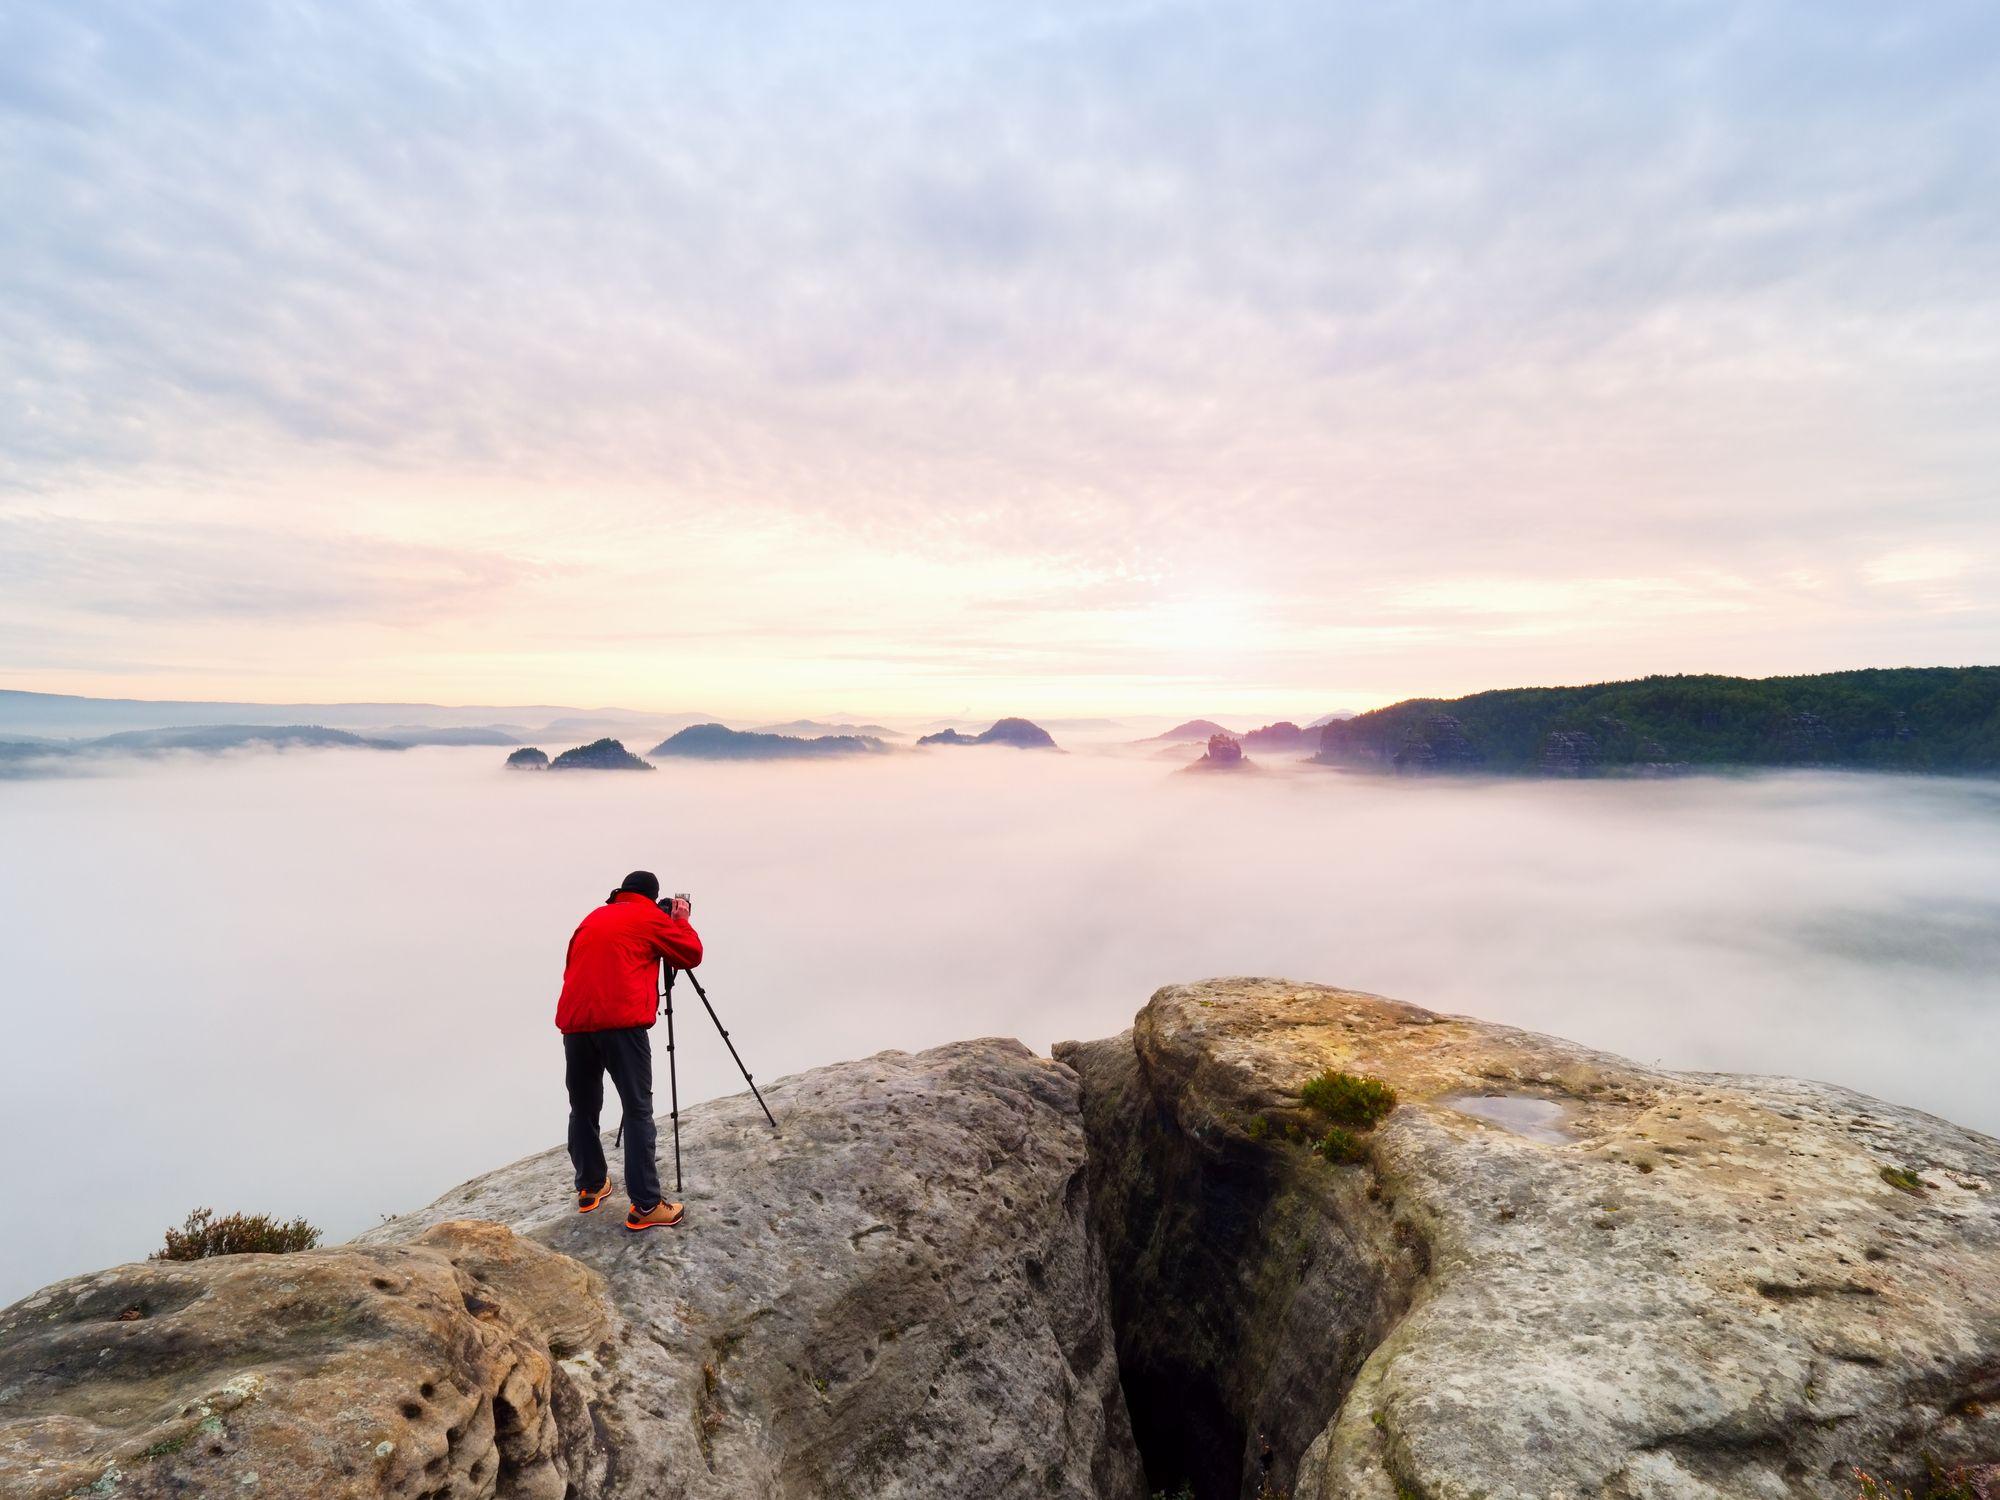 I 6 lavori da sogno per chi ama viaggiare